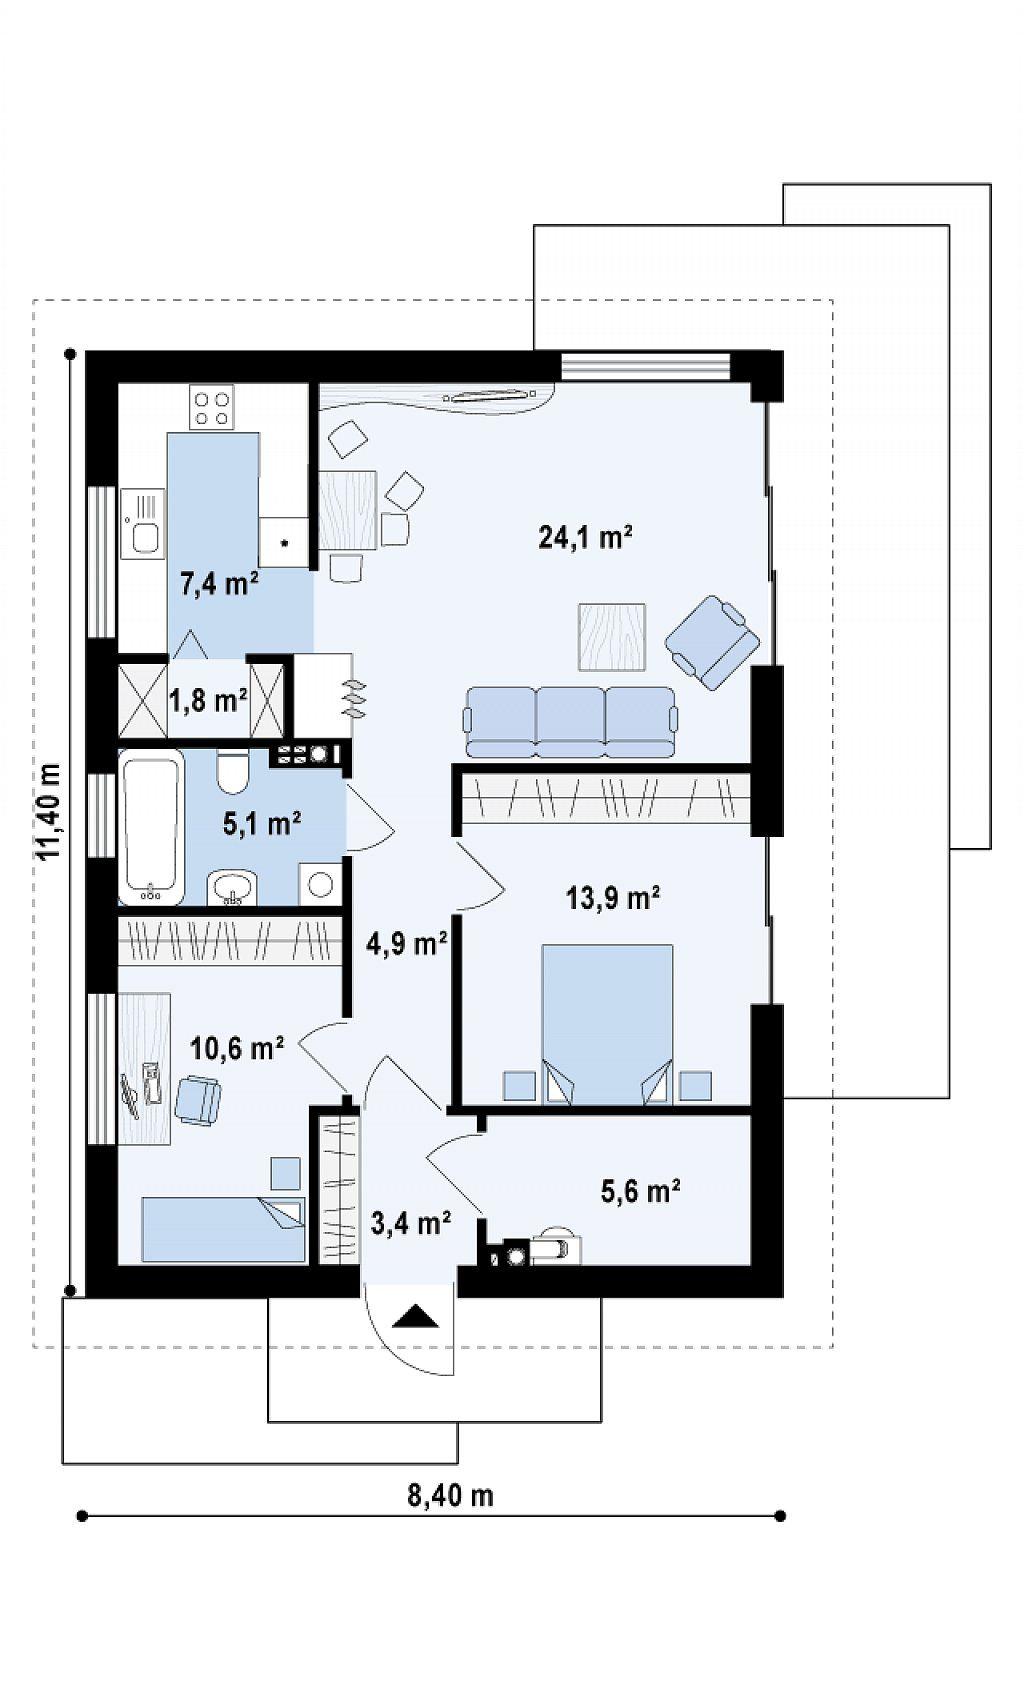 Z500.si - Tipski projekti hiš in garaž - Z254